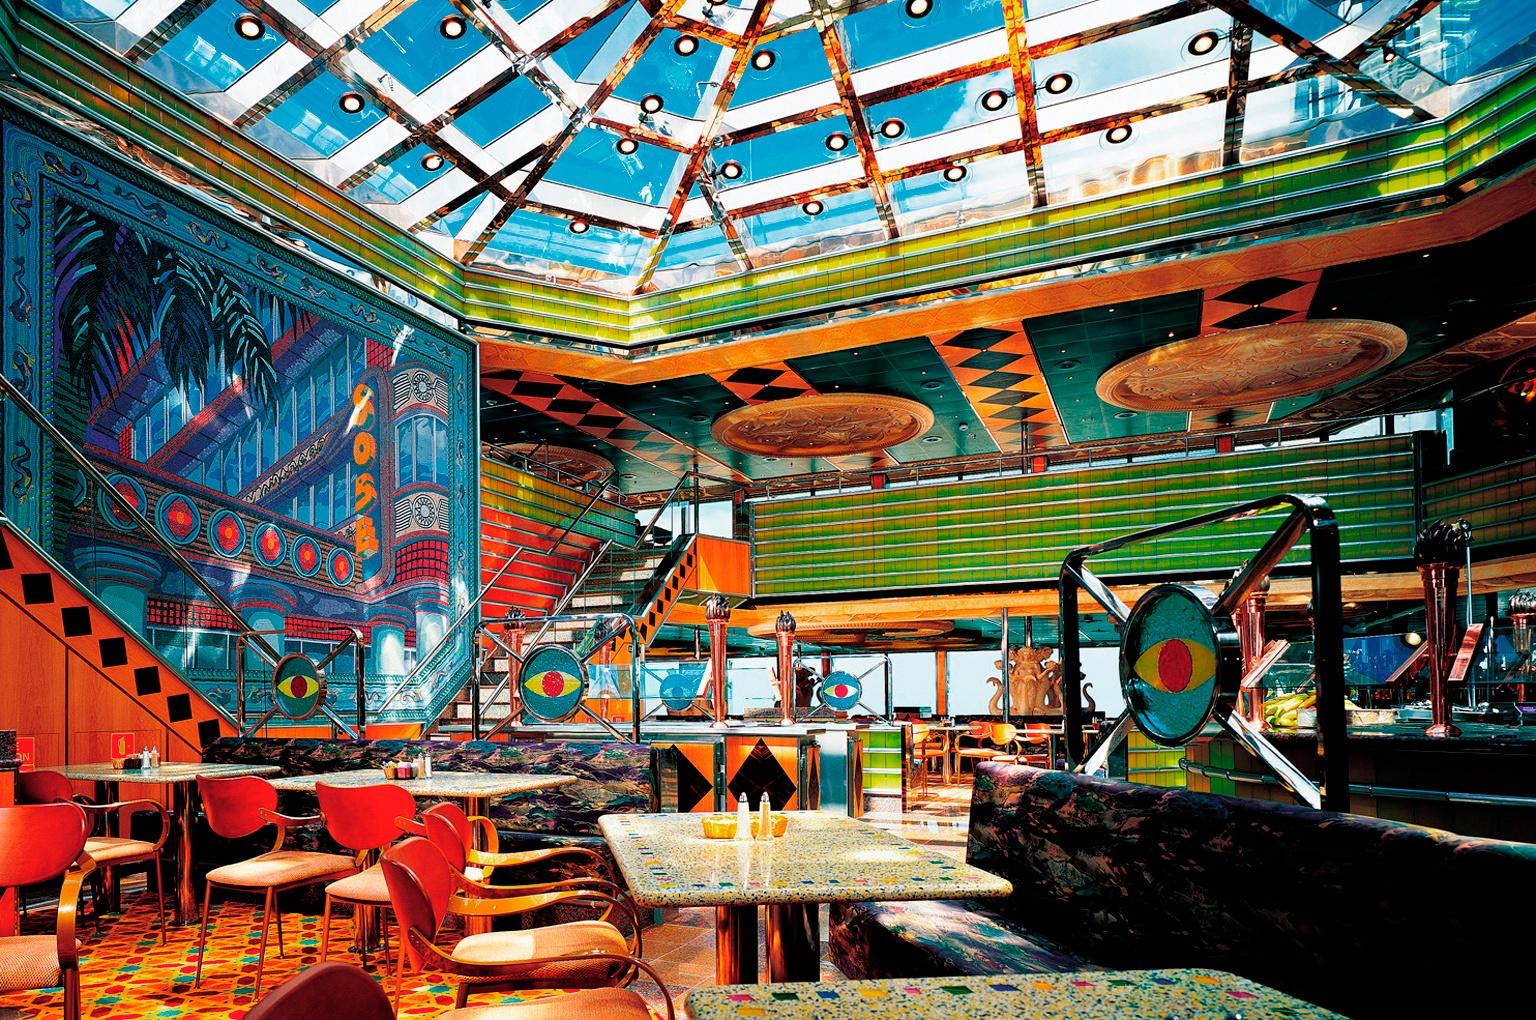 Ms Carnival Triumph Carnival Cruise Line